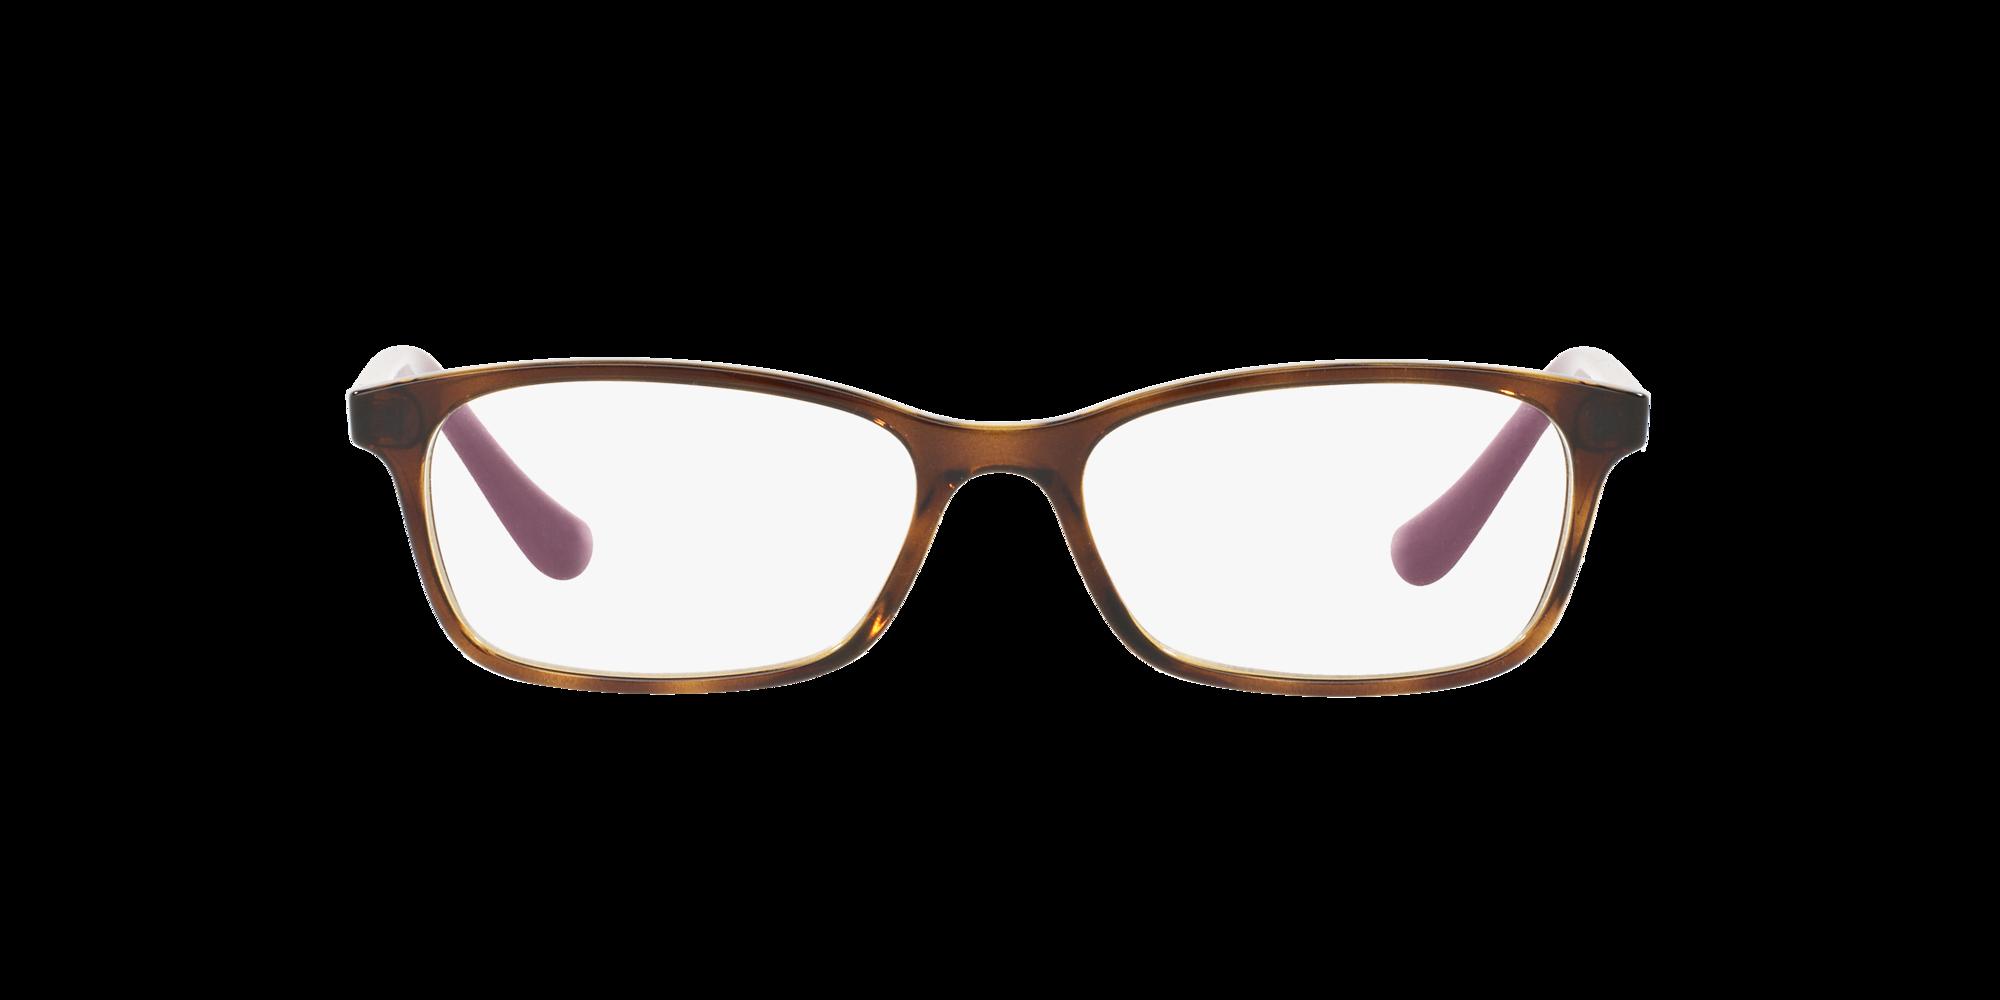 Imagen para VO5053 de LensCrafters |  Espejuelos, espejuelos graduados en línea, gafas